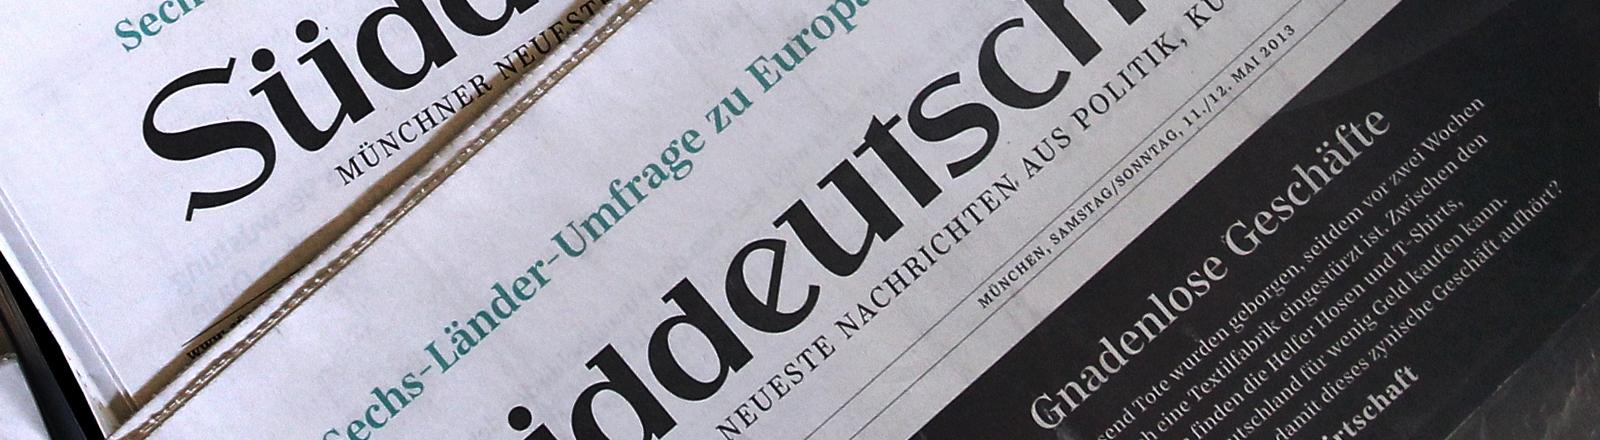 """Ein Stapel der Süddeutschen Zeitung liegt übereinander. Thema im Blatt: """"Gnadenlose Geschäfte""""."""